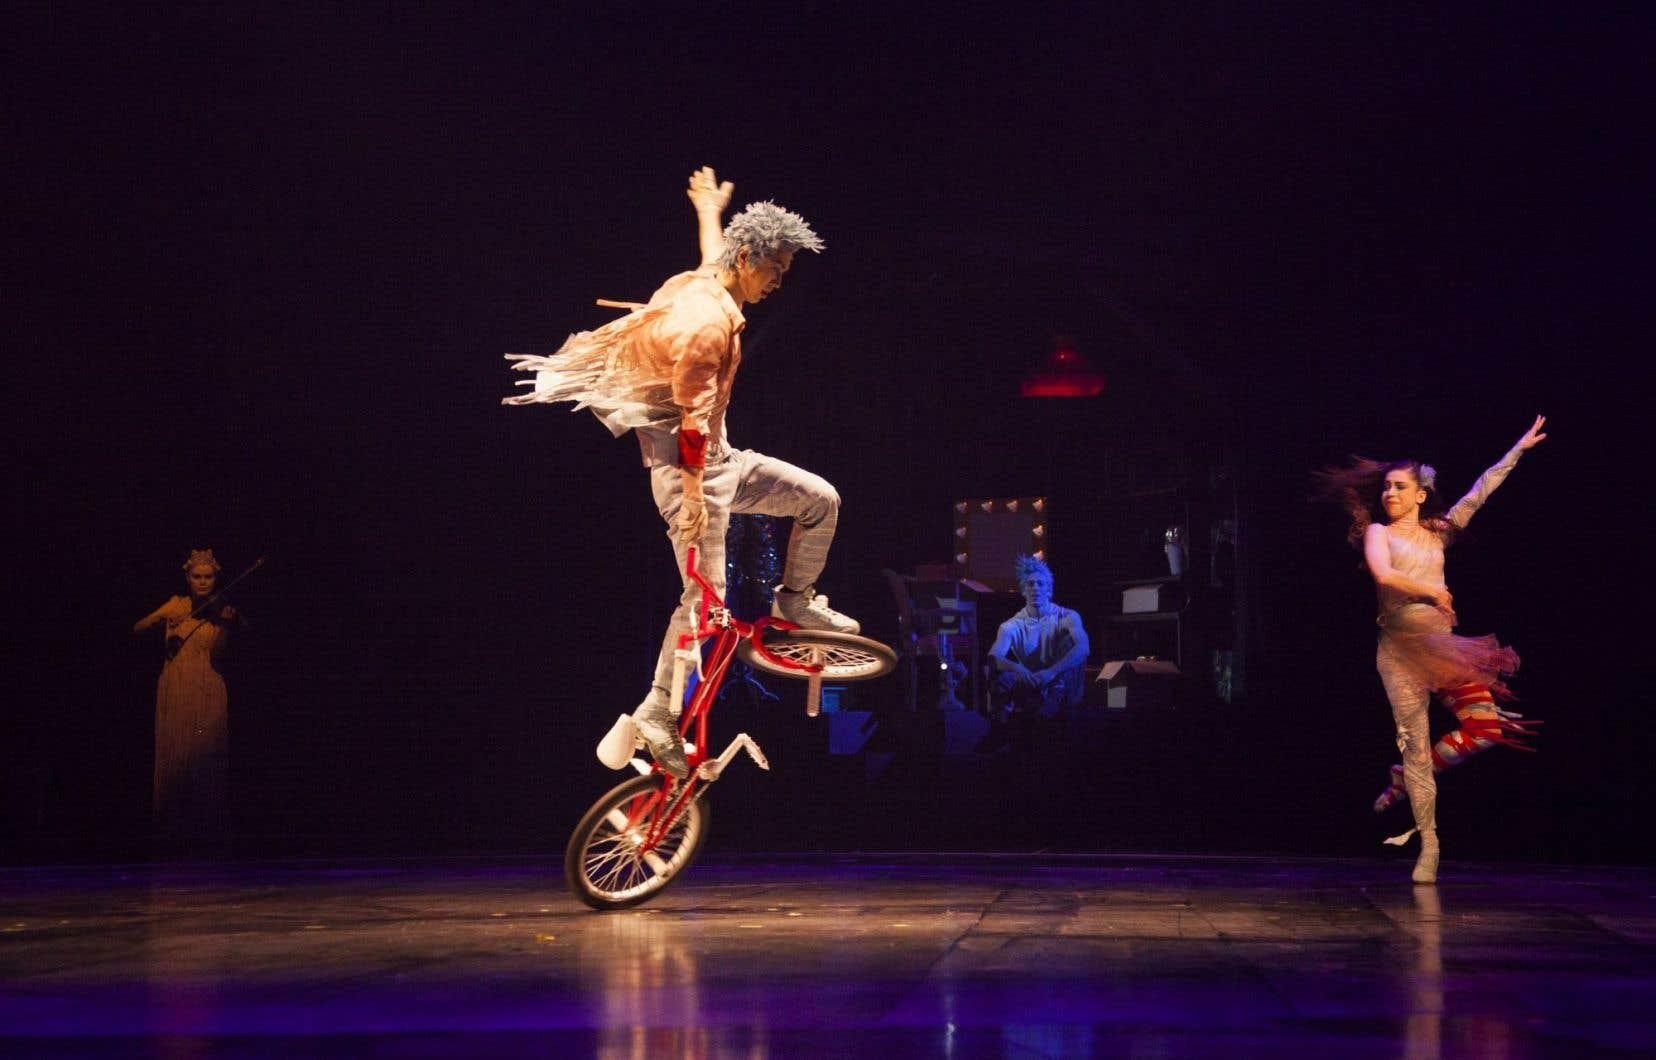 En entrevue, le directeur général du Cirque du Soleil, Daniel Lamarre, mentionnait que le Cirque comptait attirer ici un public plus jeune, tout en maintenant sa clientèle d'habitués.